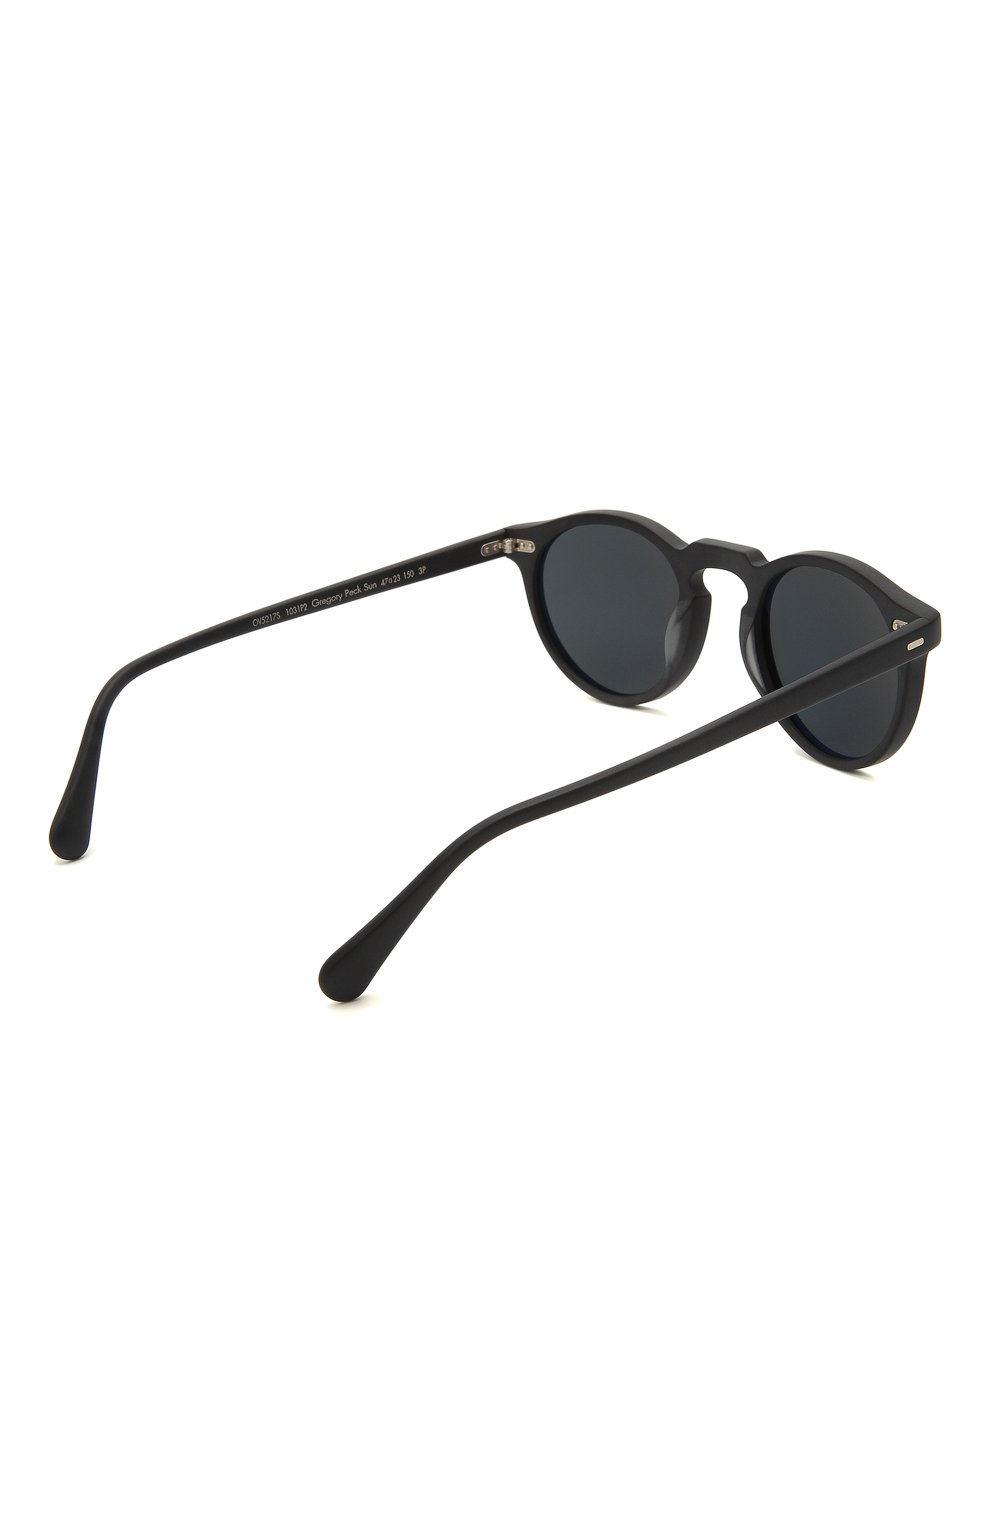 Женские солнцезащитные очки OLIVER PEOPLES черного цвета, арт. 5217S-1031P2 | Фото 5